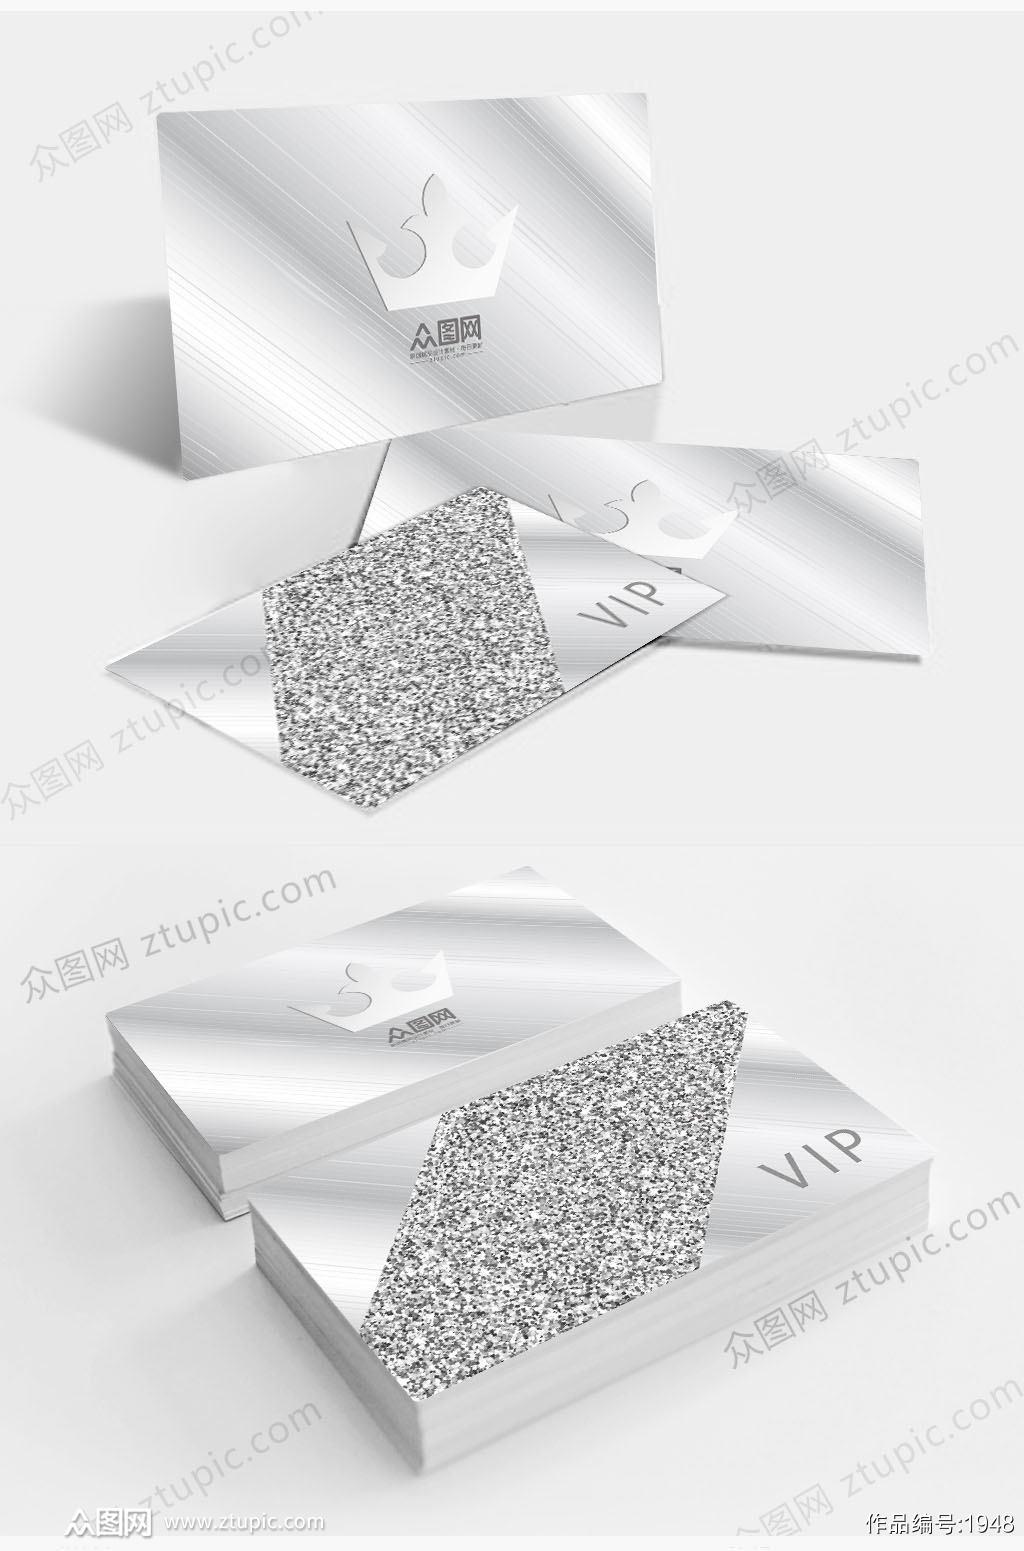 质感vip银卡会员卡素材